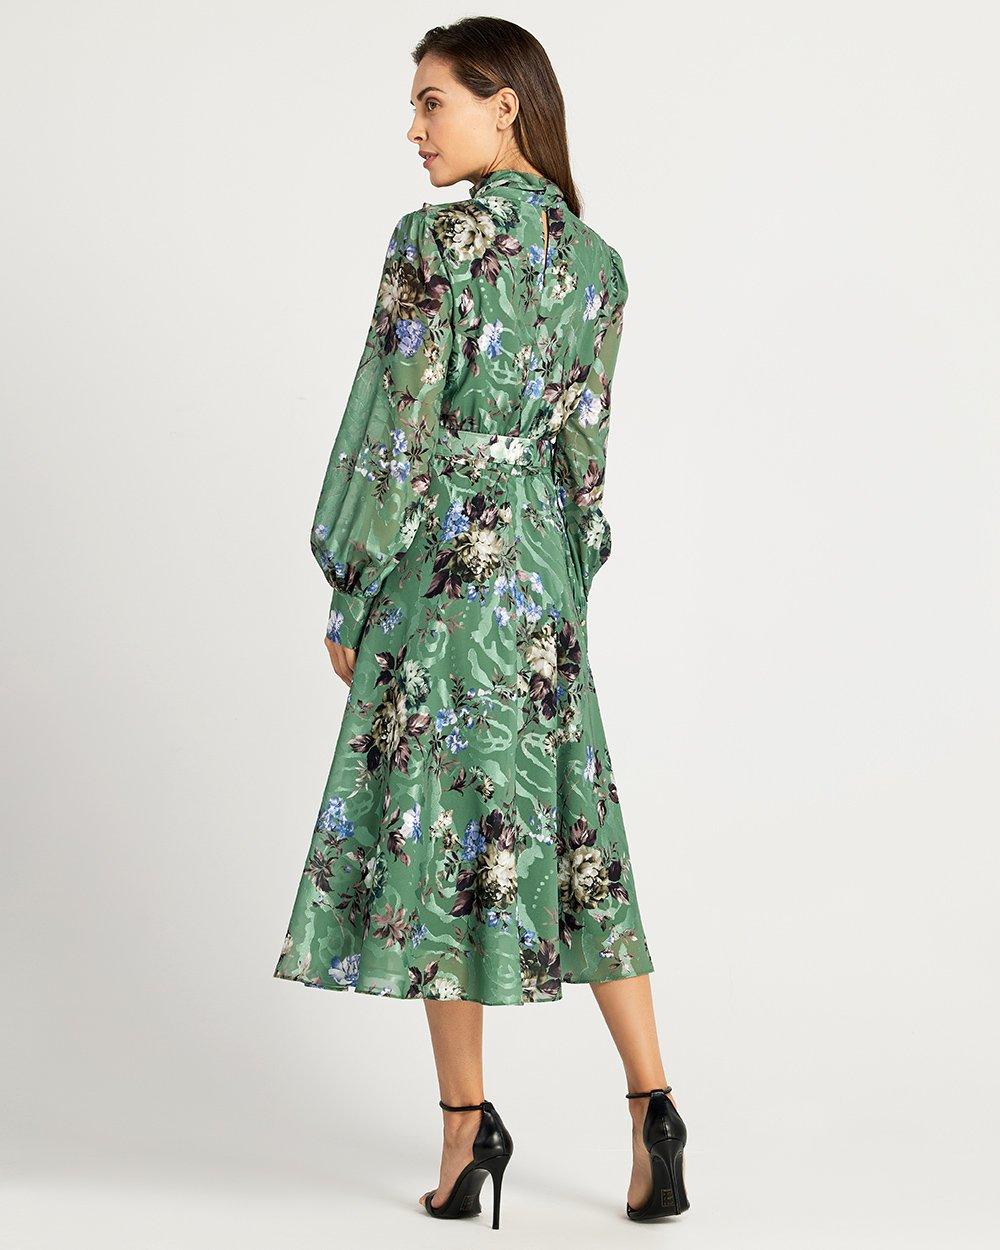 Φόρεμα εμπριμέ  με δέσιμο στο λαιμό